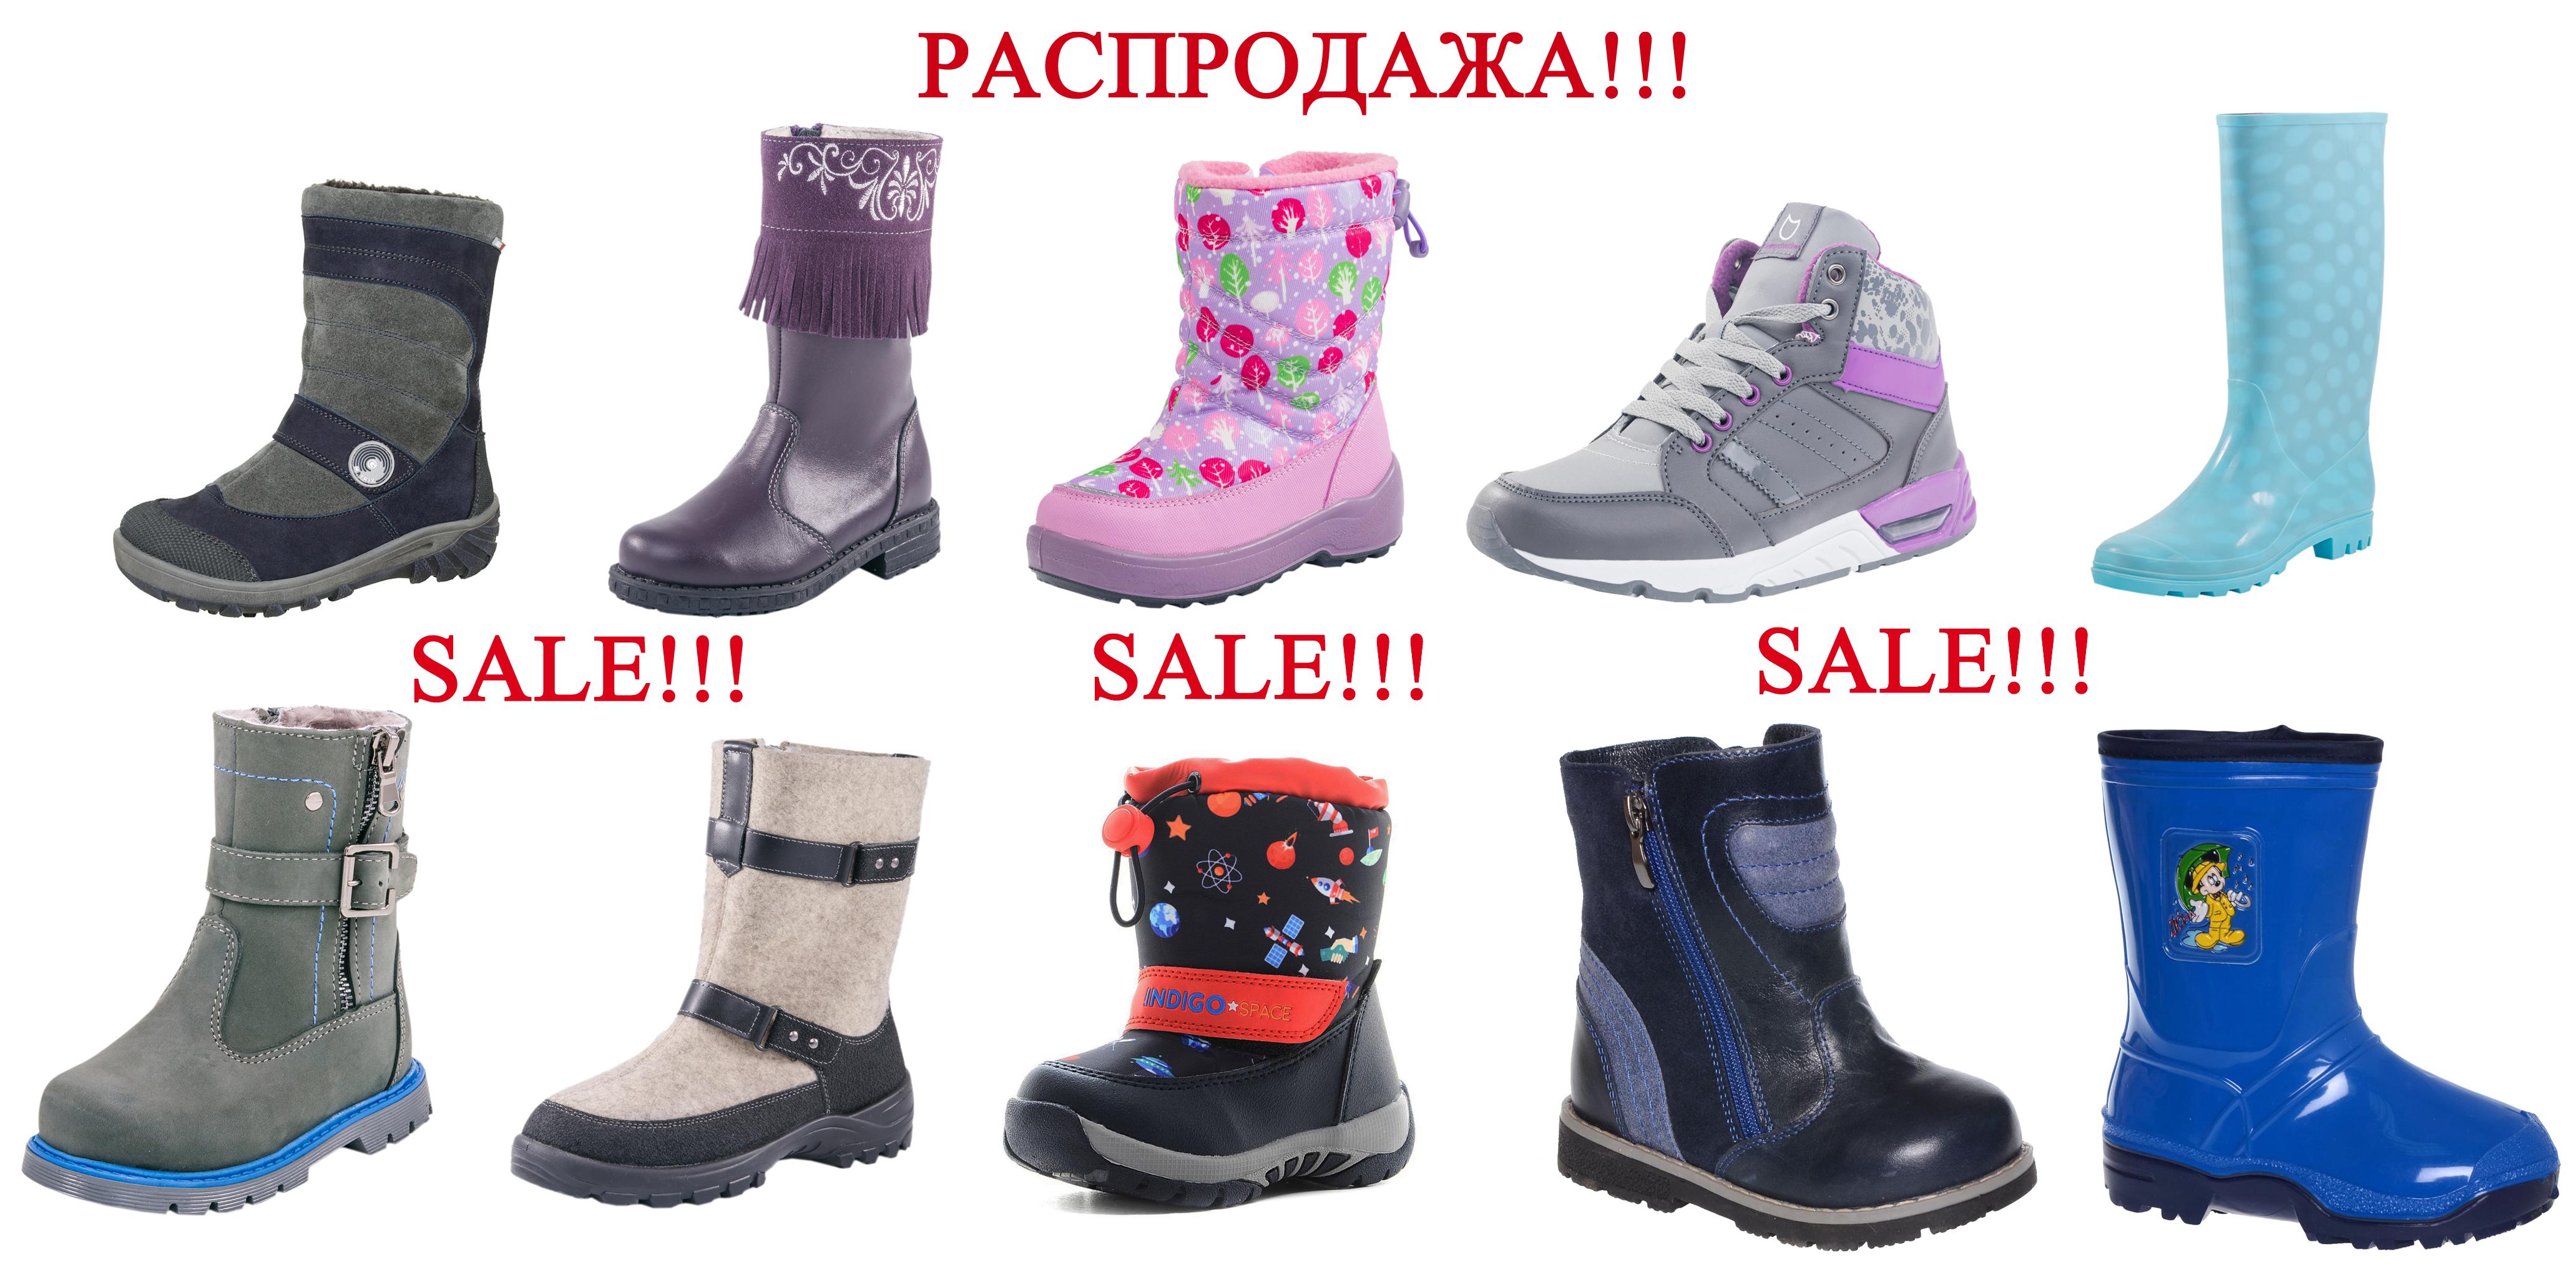 Распродажа обуви! Собираем 7 дней. Детская и подростковая обувь популярных марок (Ко*тофей, ТО*М, Ска*зка и др.) в одном месте. Выкуп 9